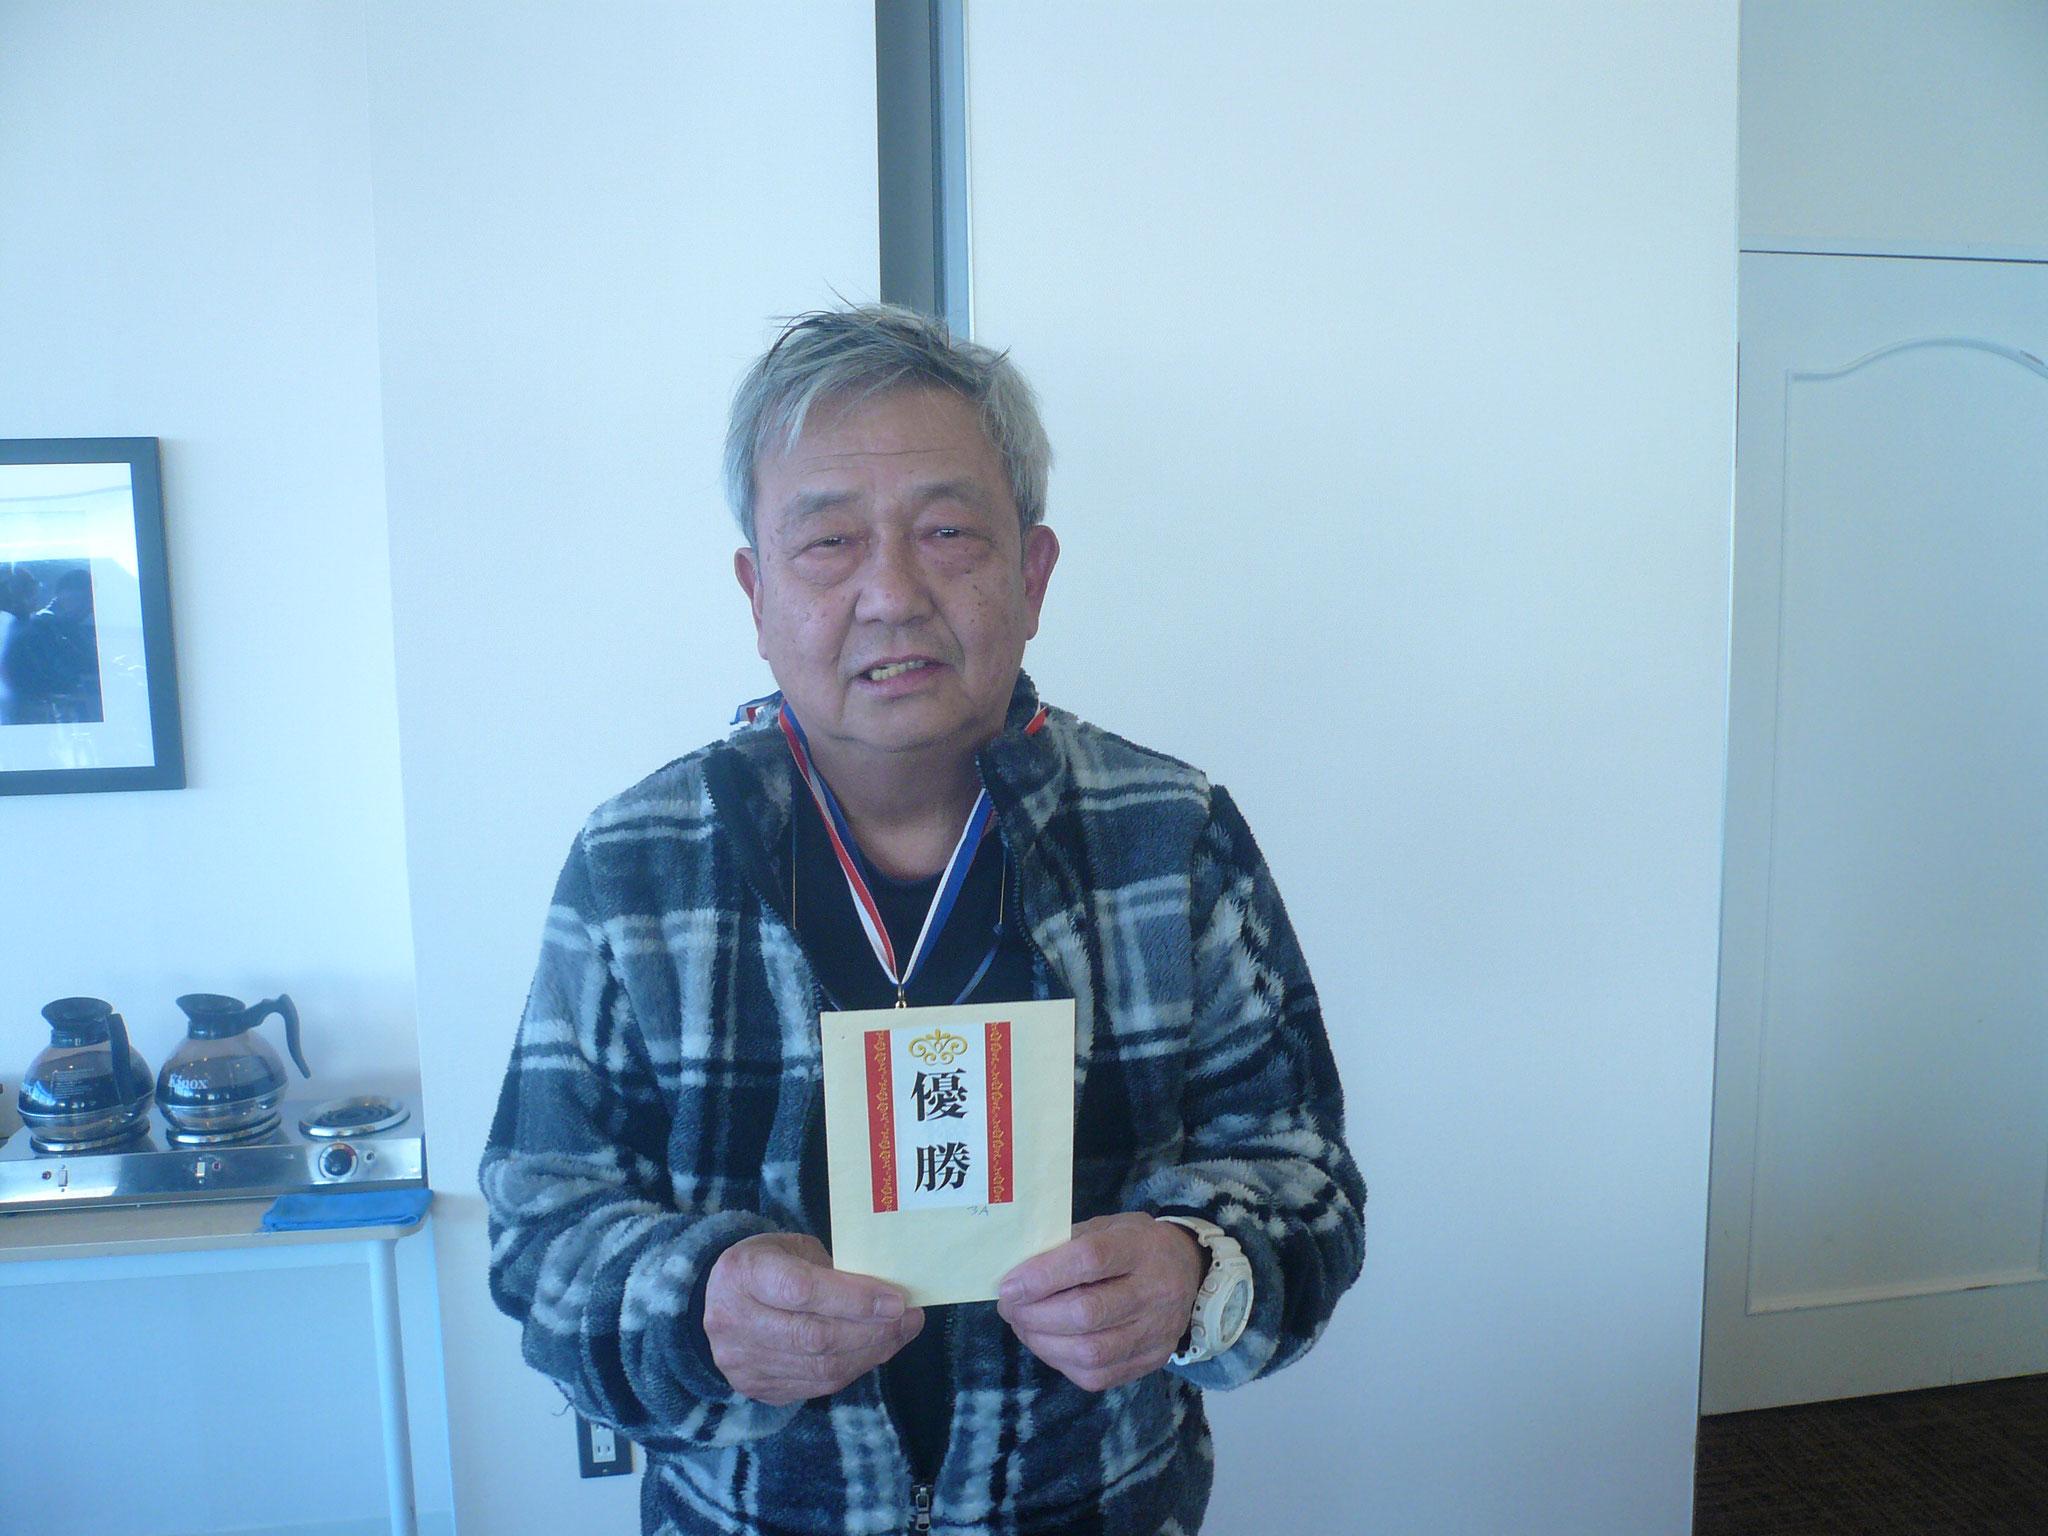 優勝柿沢さんおめでとうございます